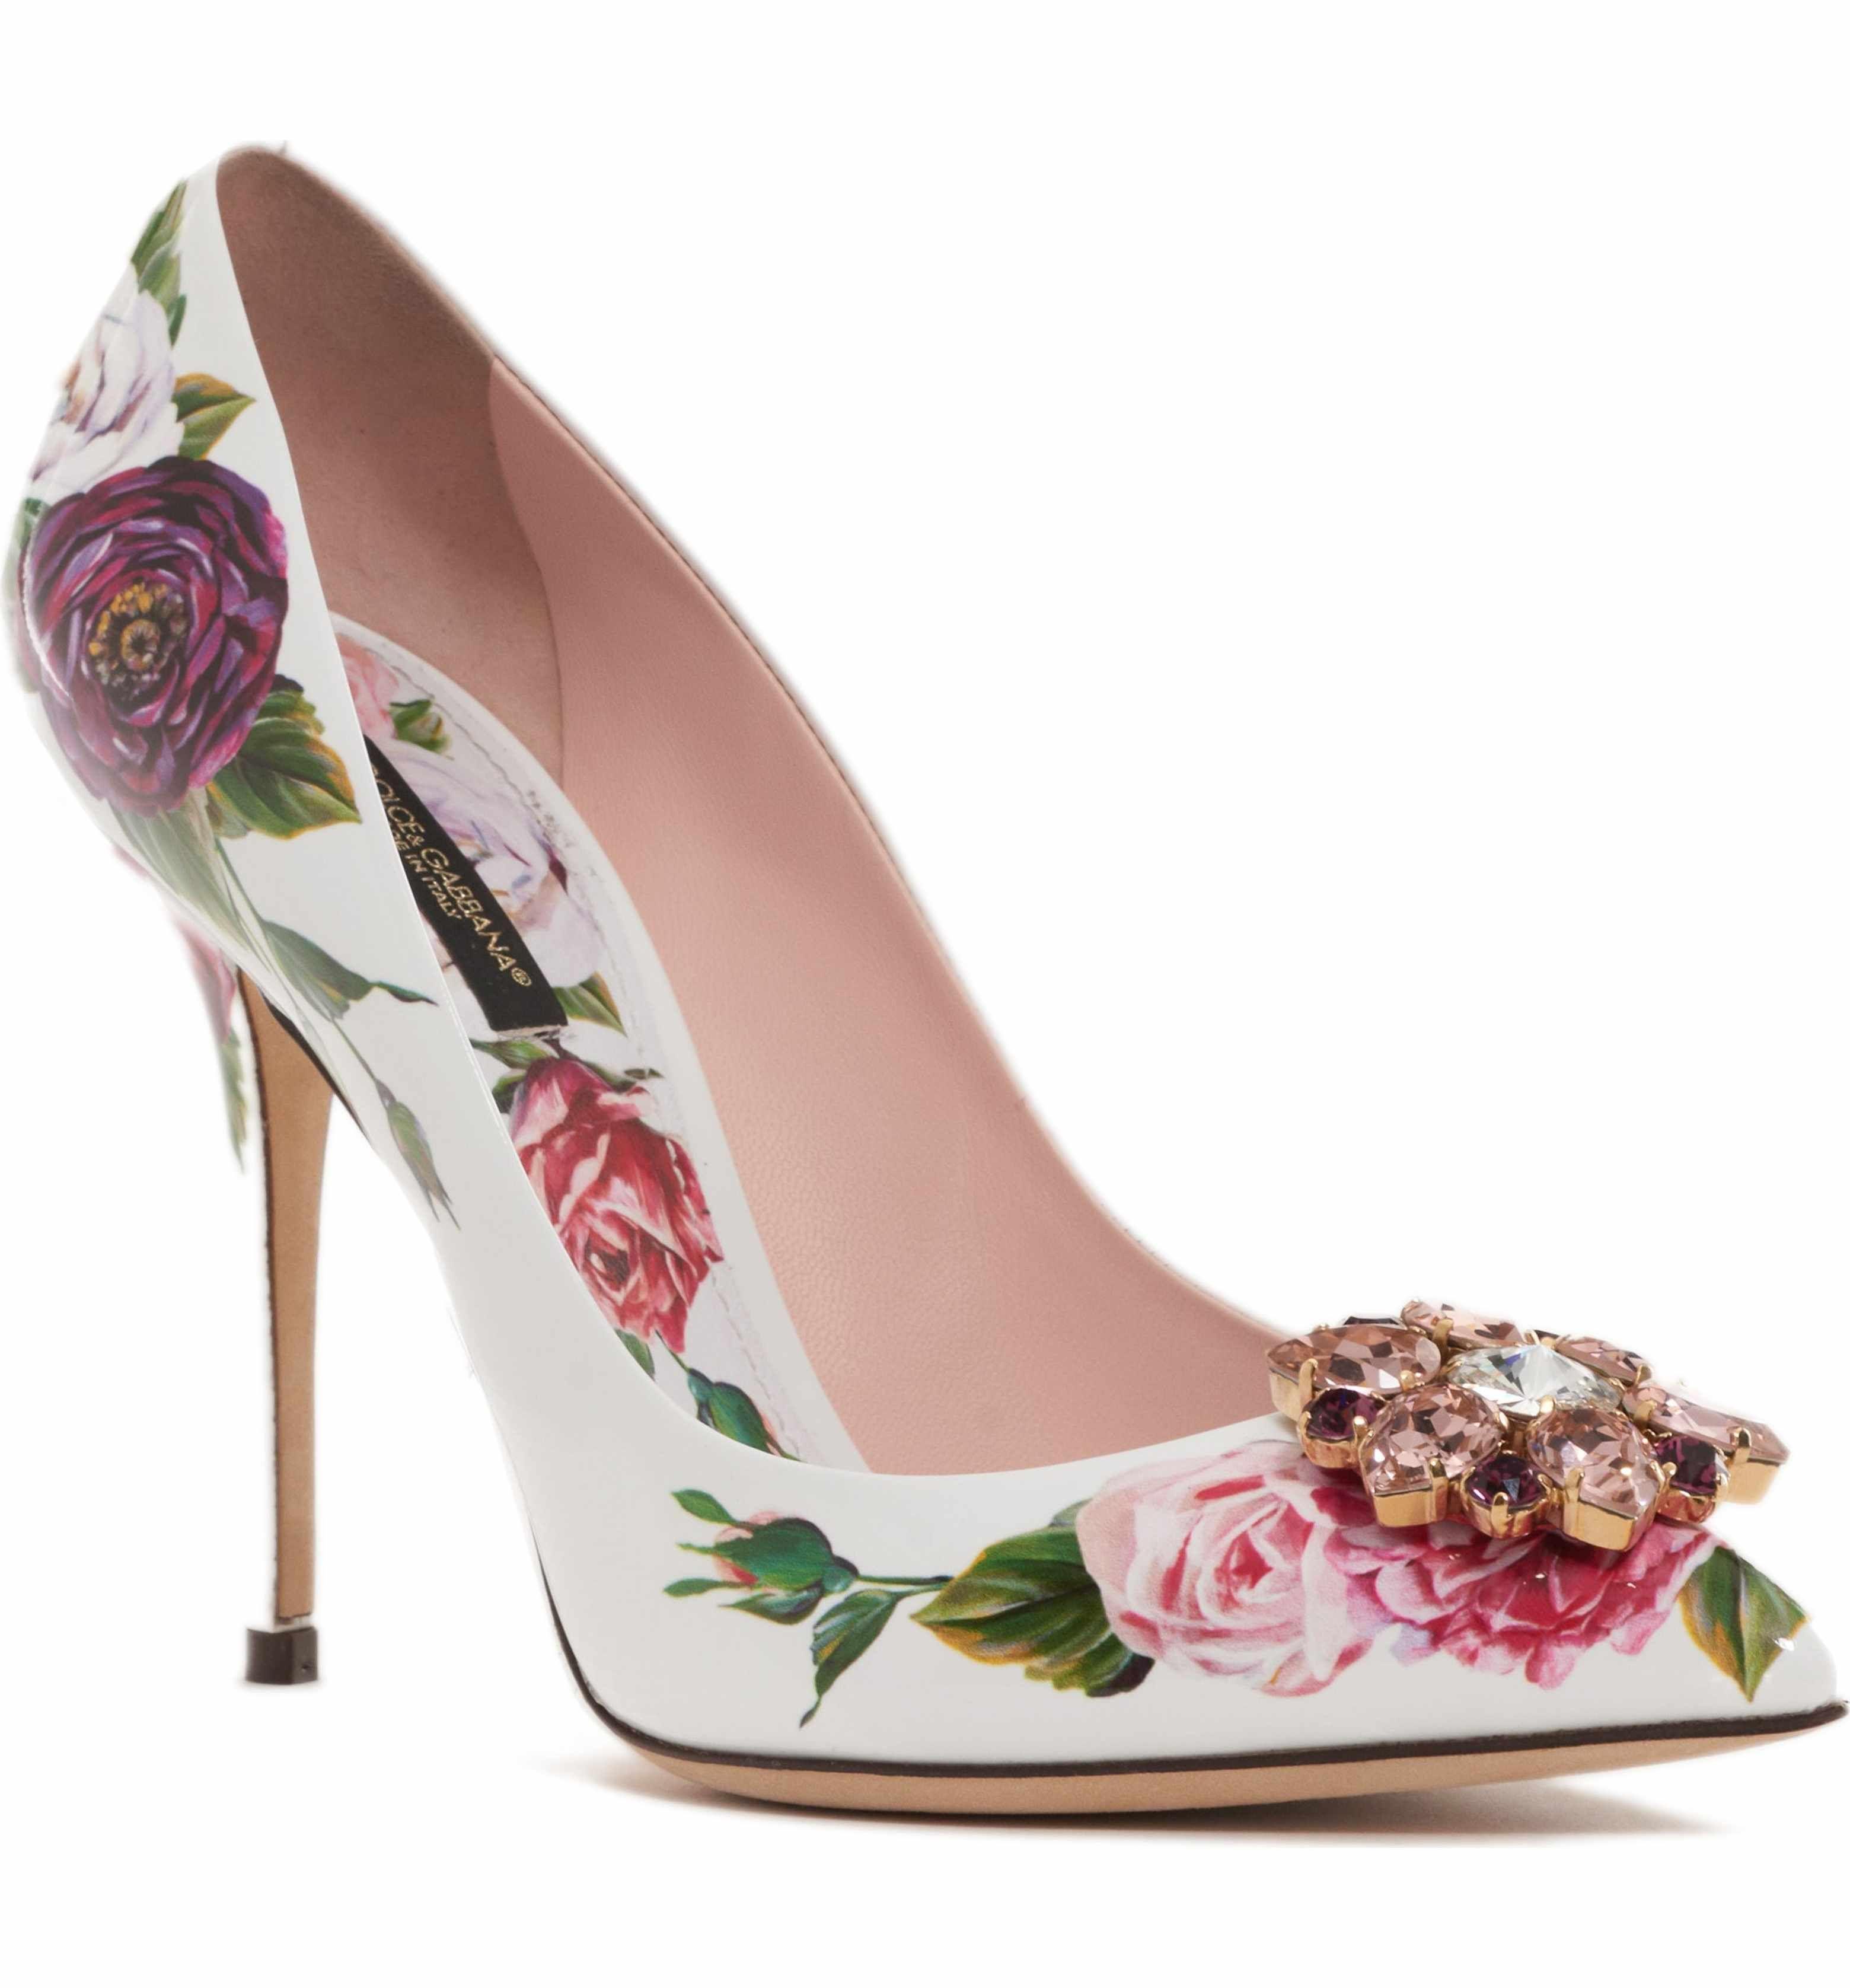 6898cdd48eaf Main Image - Dolce Gabbana Crystal Embellished Floral Pump (Women ...